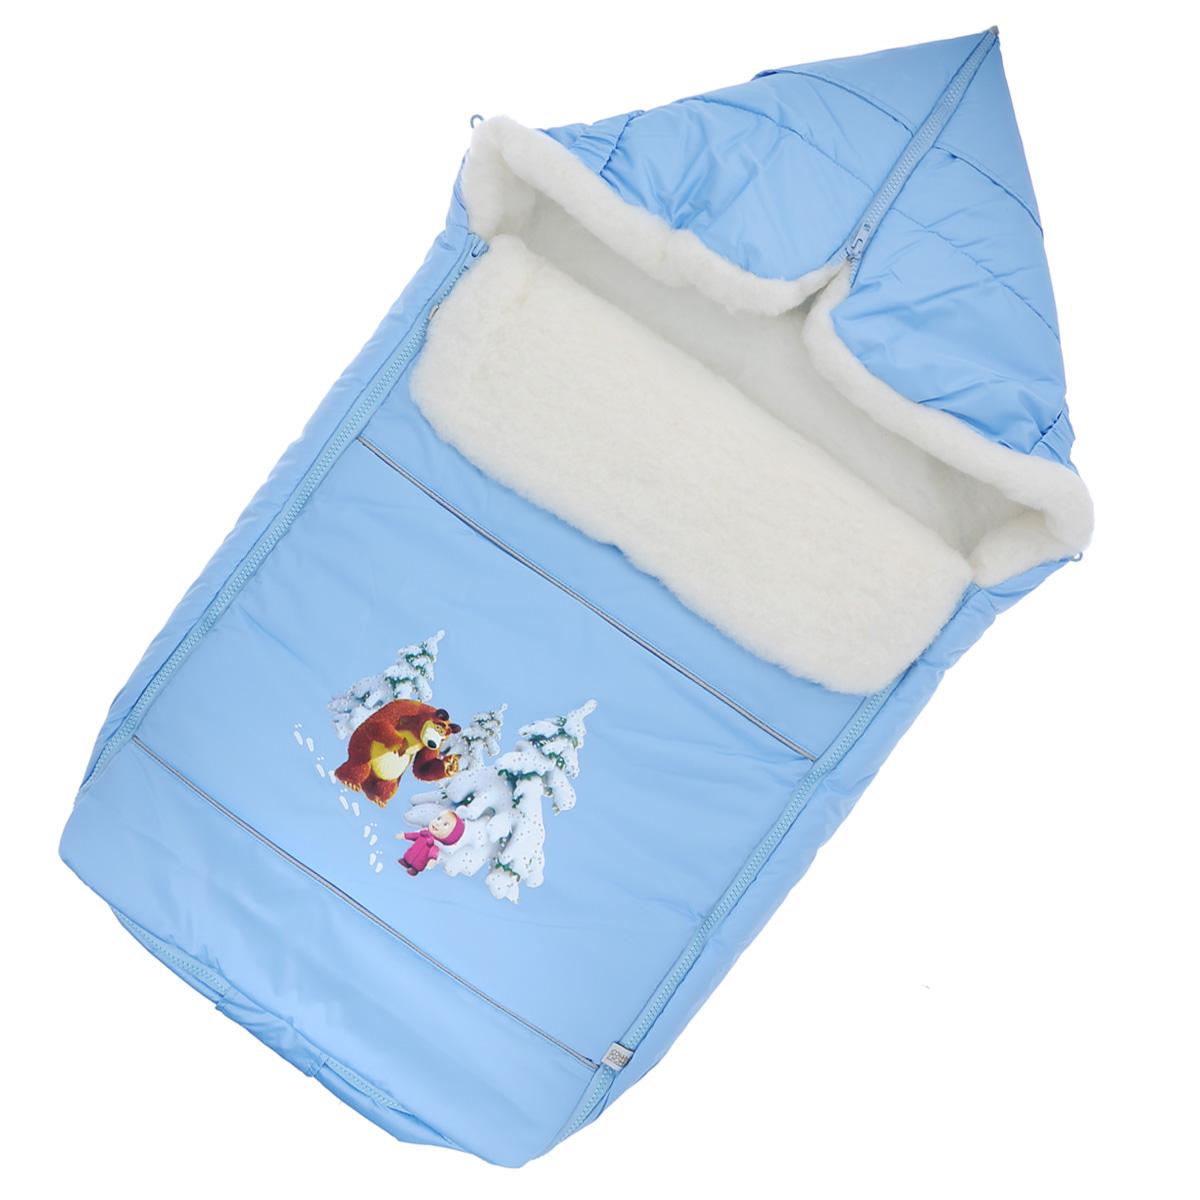 Конверт для новорожденного975/1Теплый конверт для новорожденного Сонный гномик Маша и Медведь идеально подойдет для ребенка в холодное время года. Конверт изготовлен из водоотталкивающей и ветрозащитной ткани Dewspo (100% полиэстер) на подкладке из шерсти с добавлением полиэстера. В качестве утеплителя используется шелтер (100% полиэстер). Шелтер (Shelter) - утеплитель нового поколения с тонкими волокнами. Его более мягкие ячейки лучше удерживают воздух, эффективнее сохраняя тепло. Более частые связи между волокнами делают утеплитель прочным и позволяют сохранить его свойства даже после многократных стирок. Утеплитель шелтер максимально защищает от холода и не стесняет движений. Верхняя часть конверта может использоваться в качестве капюшона в ветреную или холодную погоду и надеваться на спинку коляски благодаря эластичным ремешкам и вставке. С помощью застежки-молнии верх принимает вид треугольного капюшона. Пластиковая застежка-молния по бокам и нижнему краю изделия помогает с легкостью доставать...